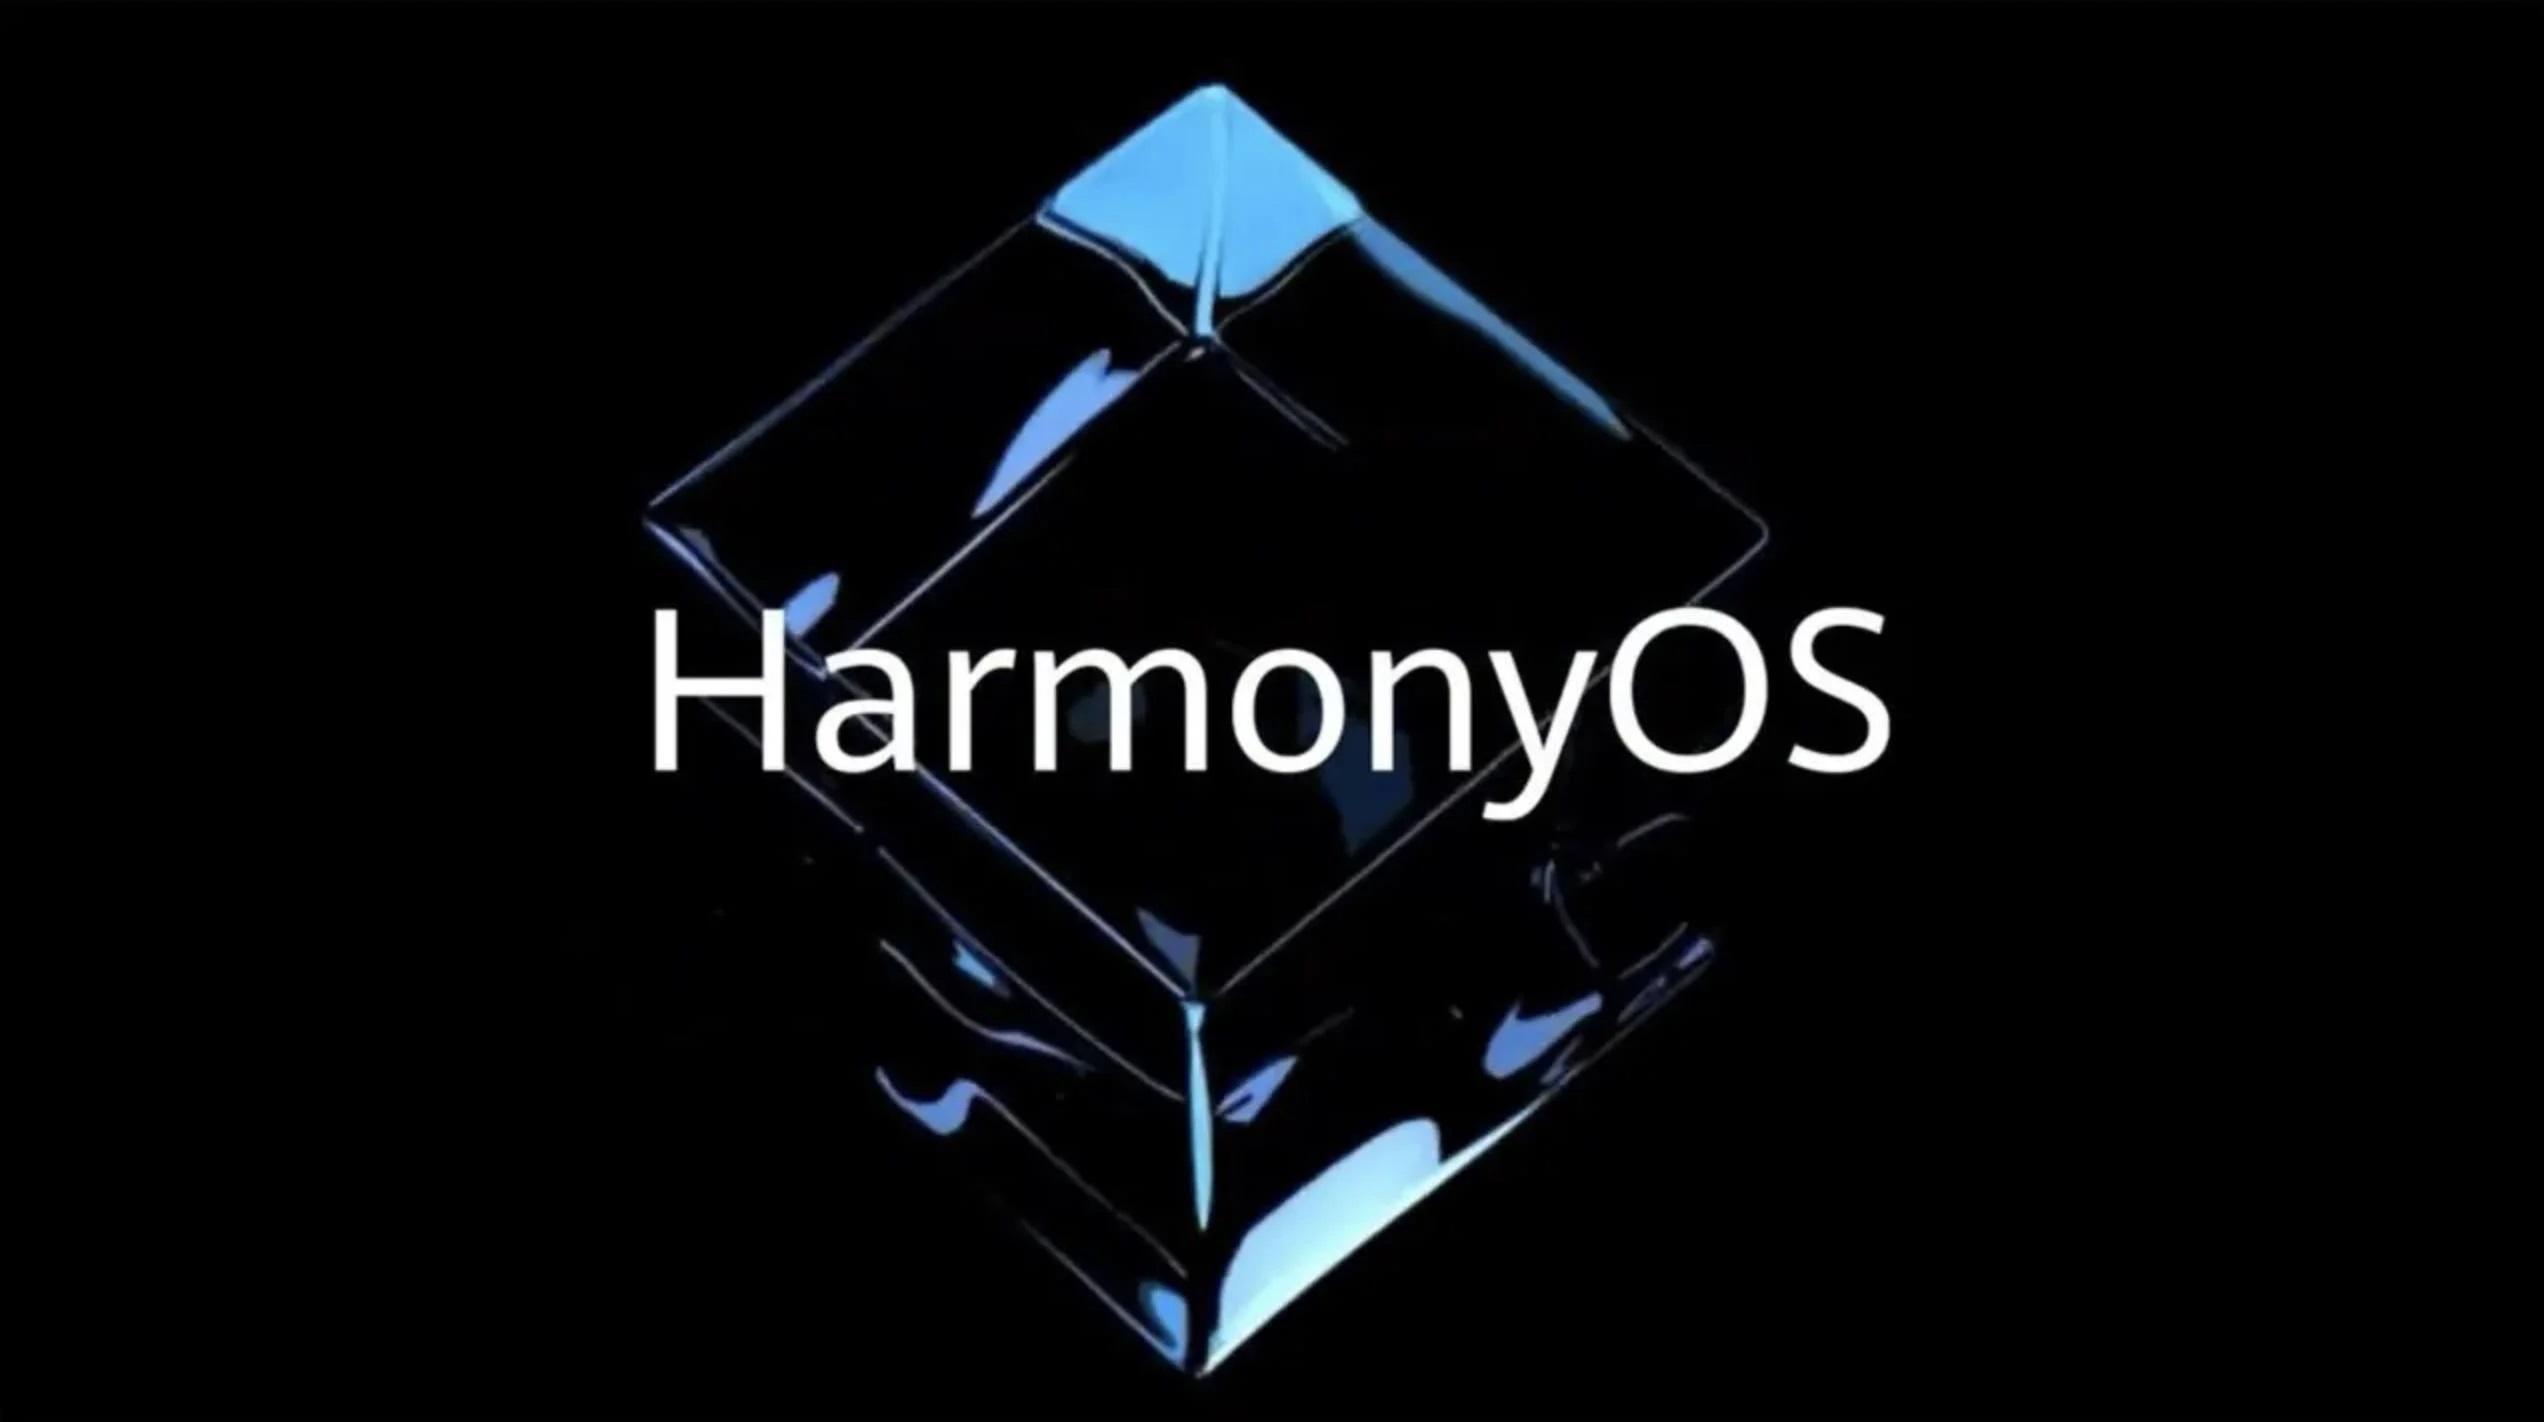 دستگاه های مجهز به HarmonOS